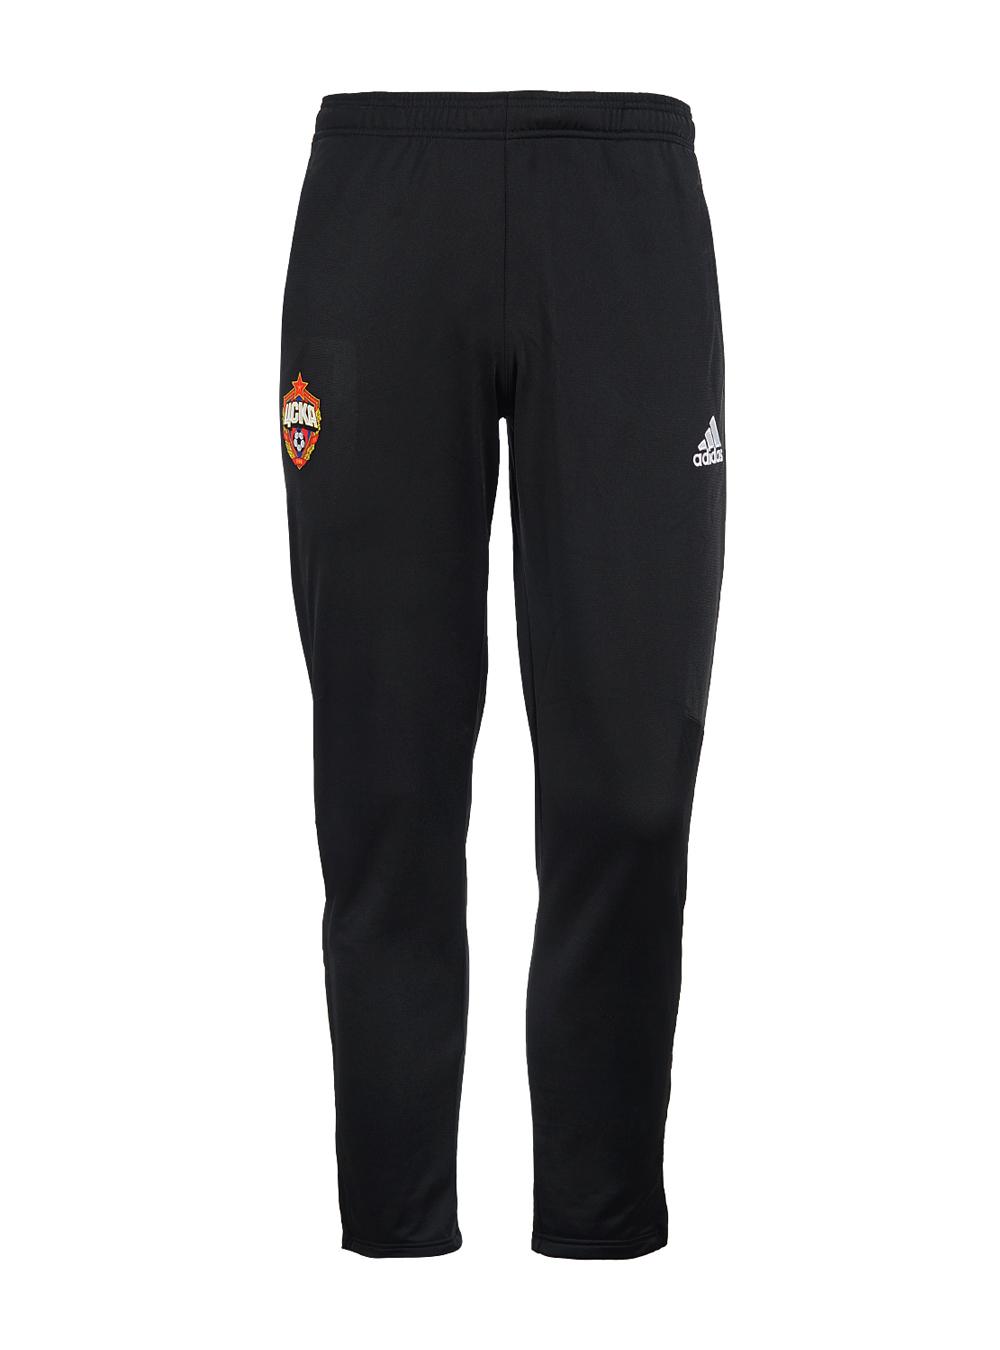 Тренировочный костюм (брюки) (S)Экипировка 2017/2018<br>Тренировочный костюм (брюки)<br>